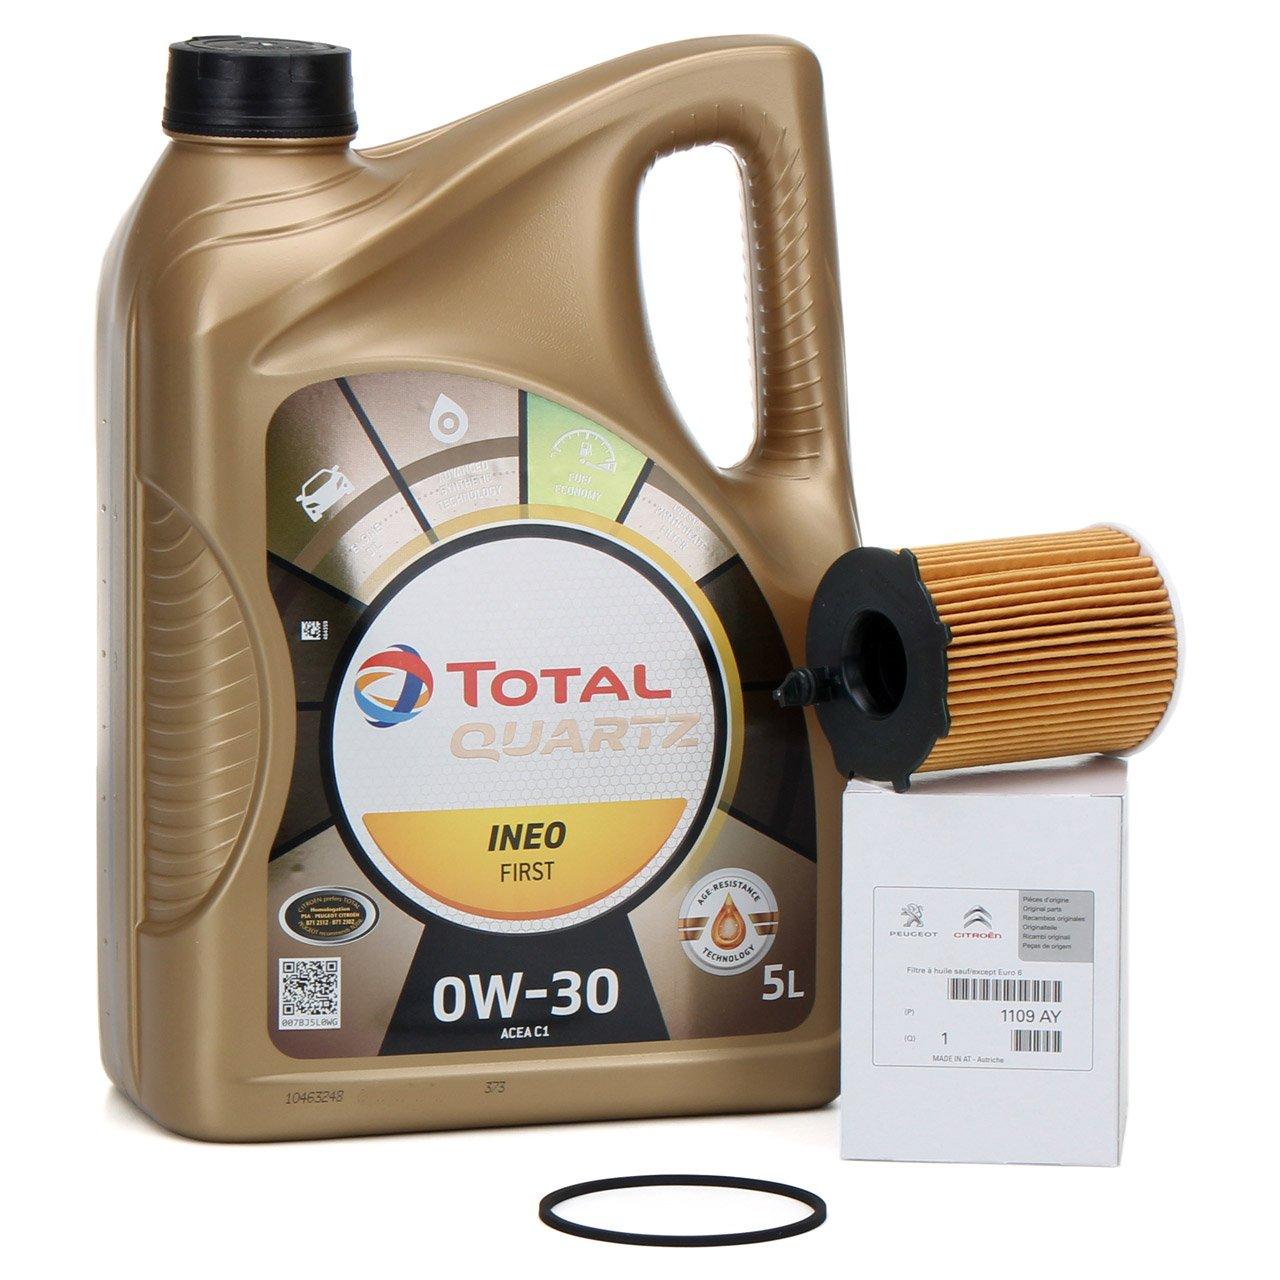 TOTAL QUARTZ INEO FIRST 0W-30 5 L + ORIGINAL Citroen Peugeot Ölfilter 1109.AY